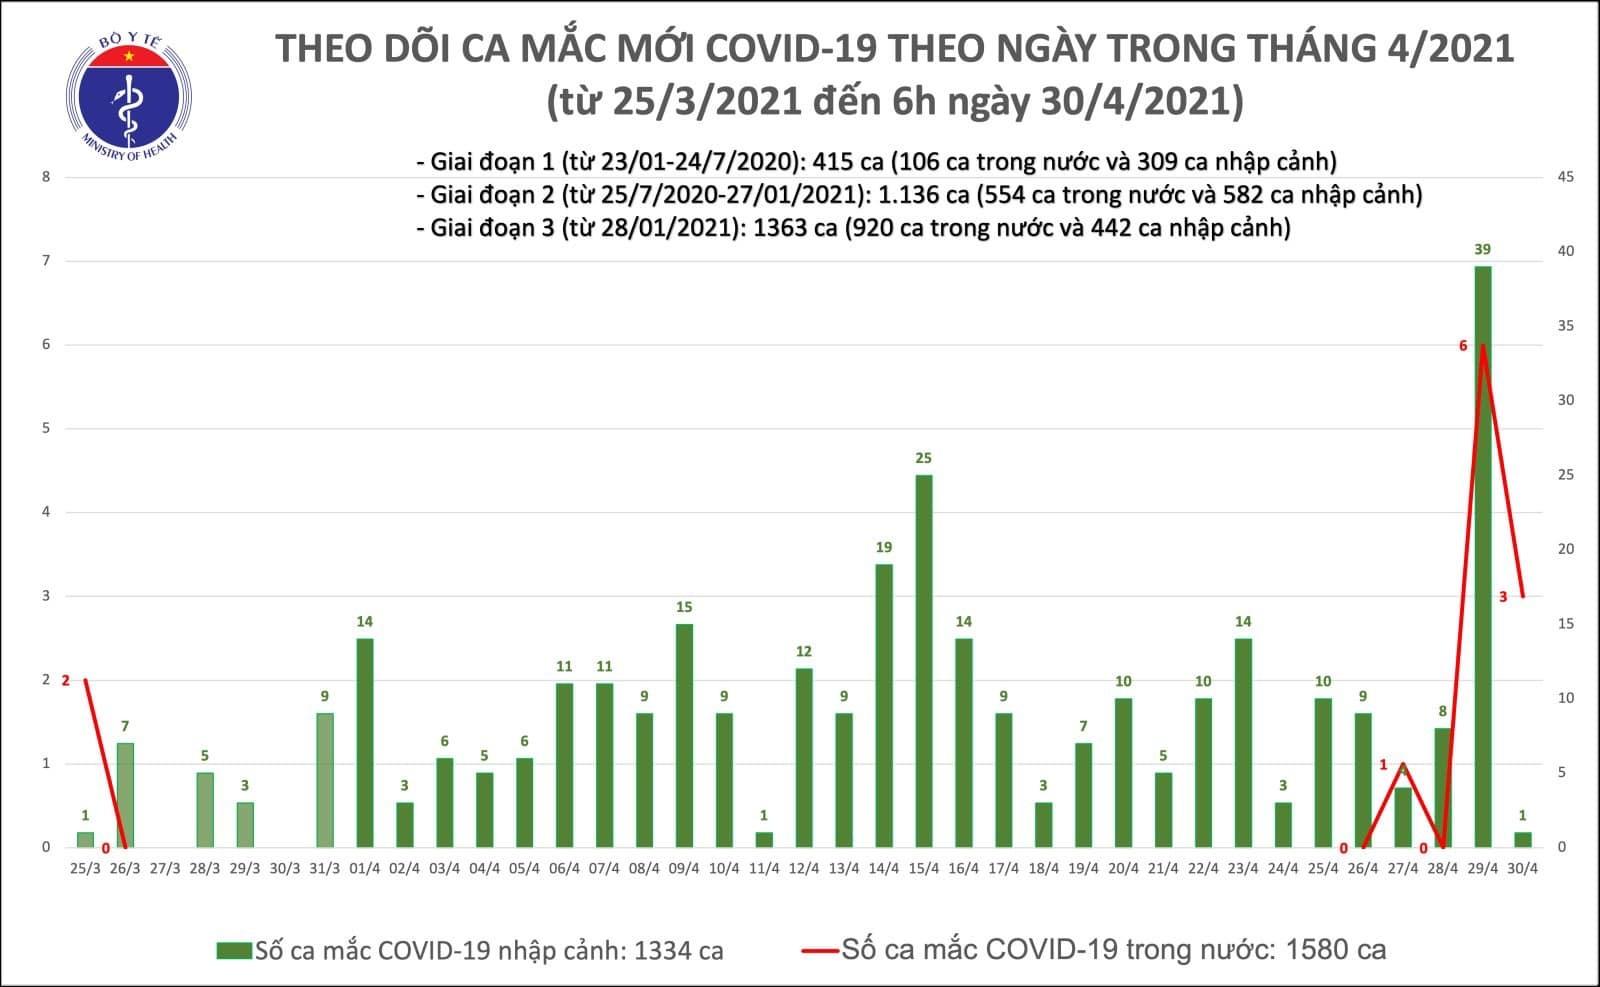 Thêm 4 ca mắc Covid-19, Hà Nội và Hưng Yên có 3 ca cộng đồng